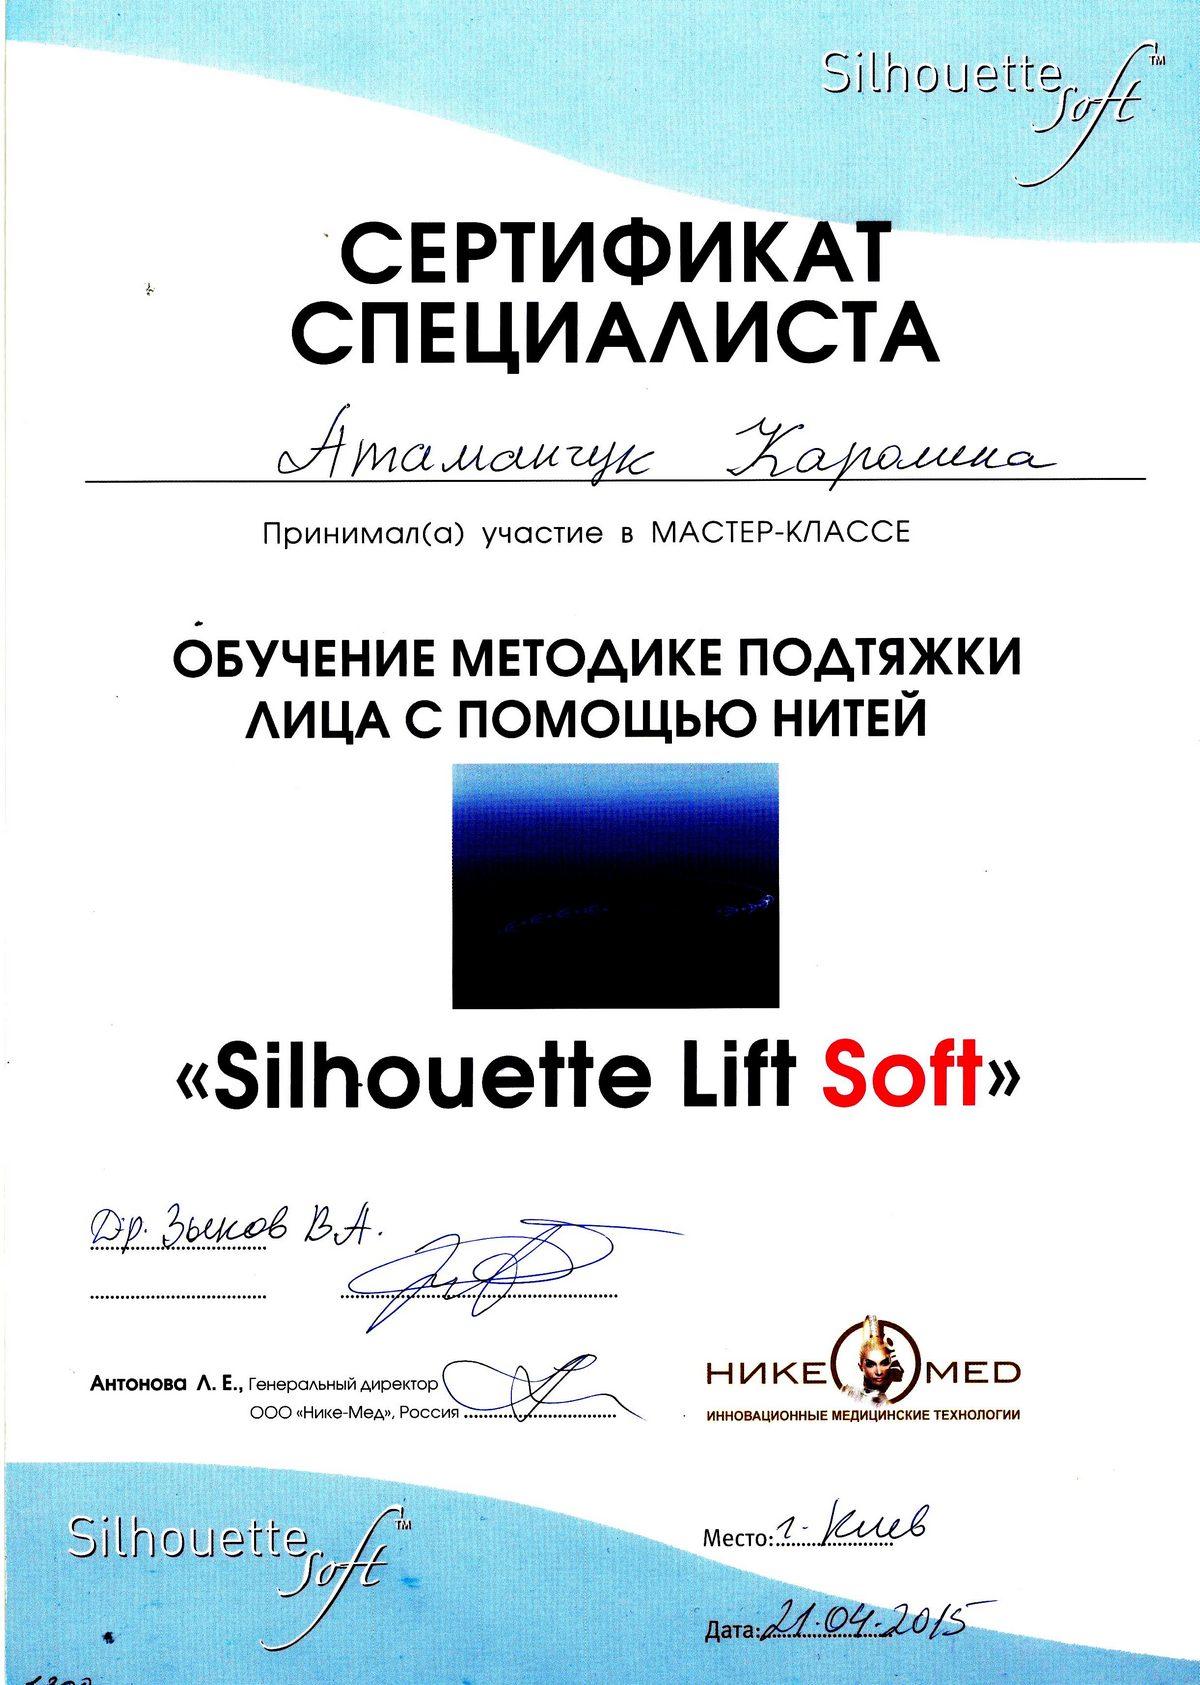 Документ №:11 Сертификат врача-дерматолога, косметолога Атаманчук Каролины Васильевны